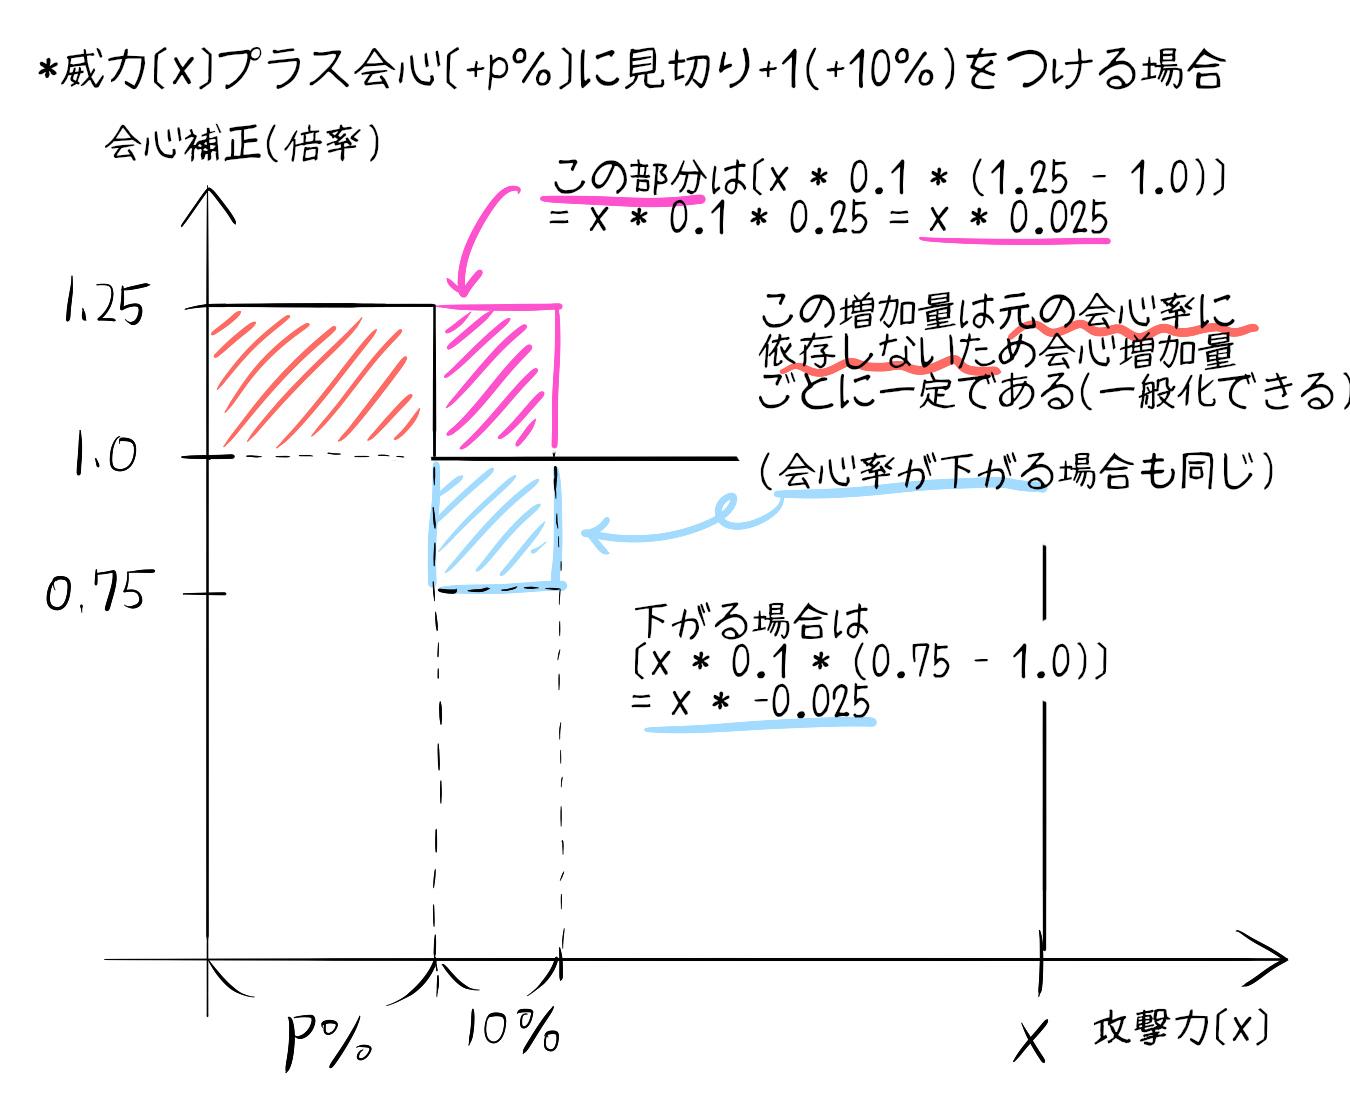 計算 スキルによる期待値上昇について a gunner